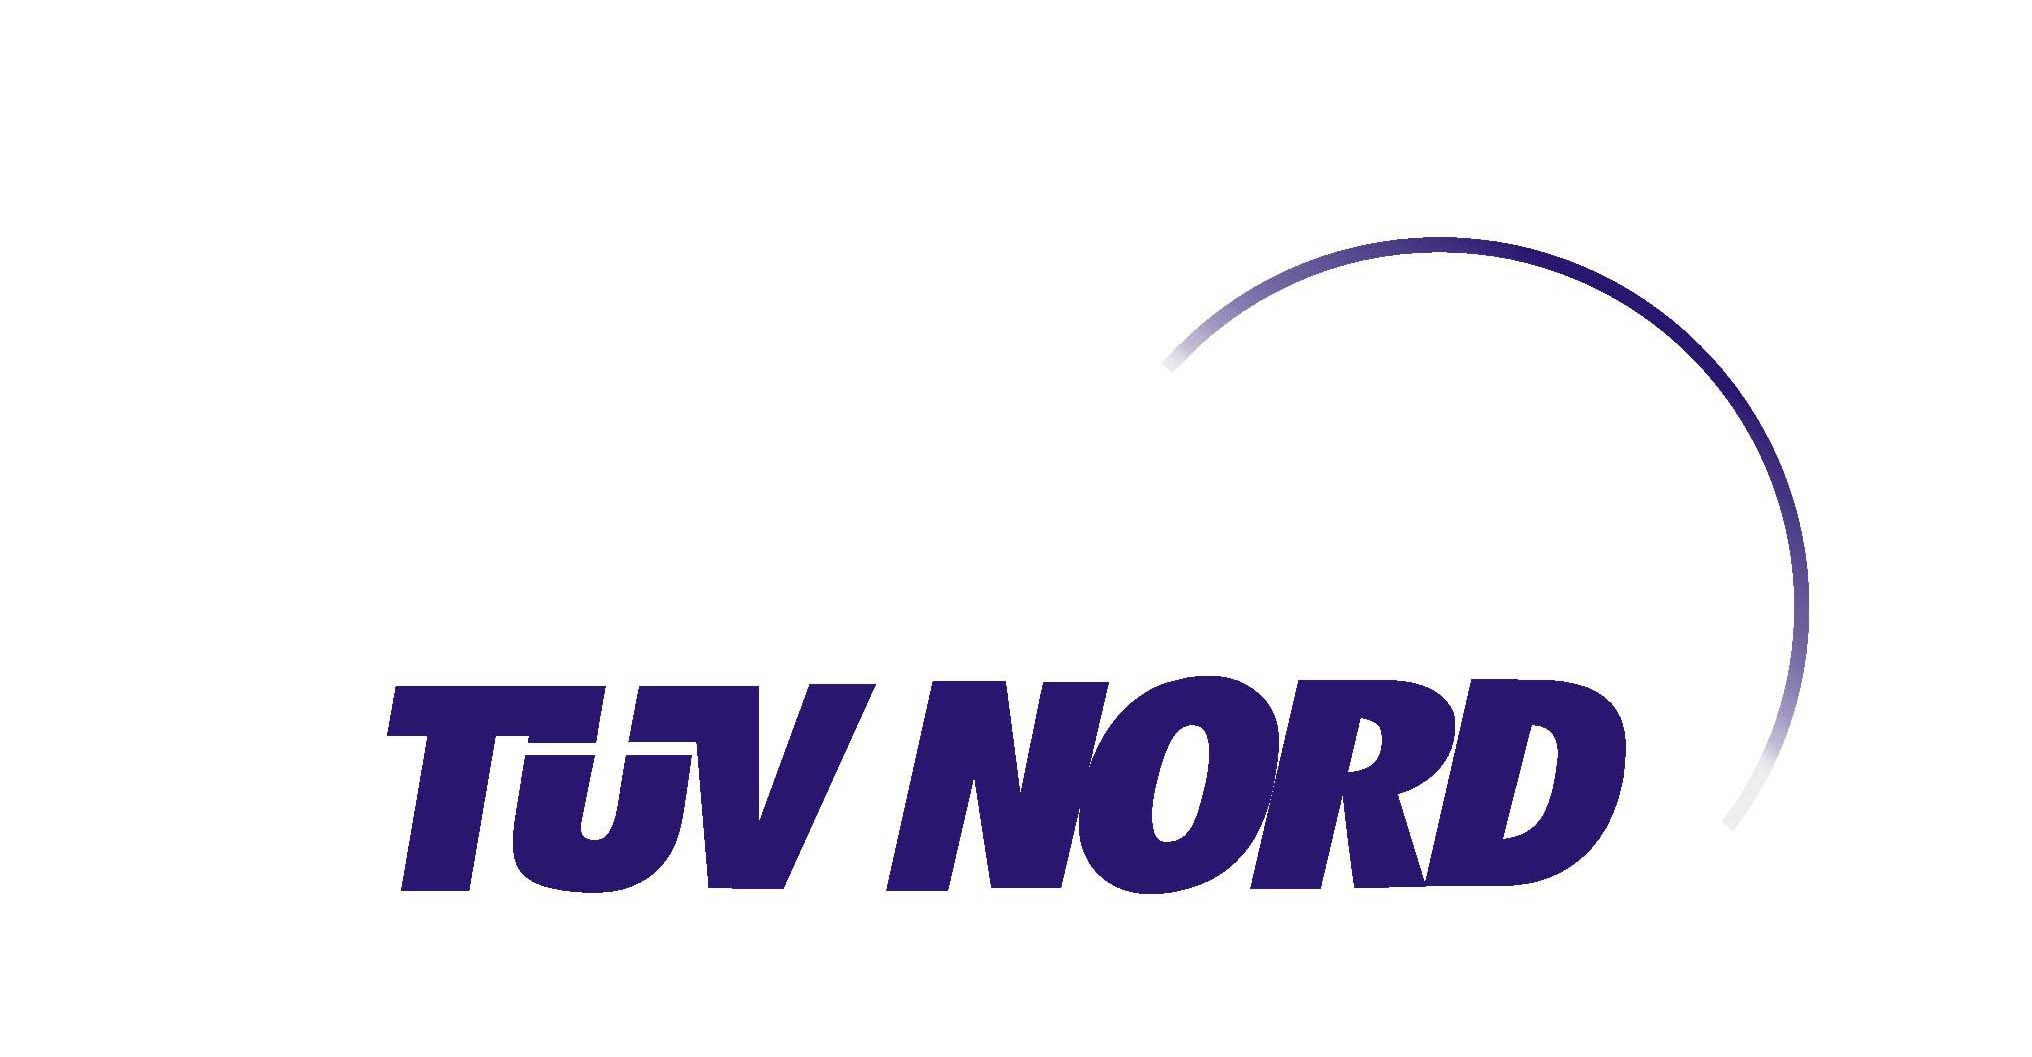 logo logo 标志 设计 矢量 矢量图 素材 图标 2032_1057